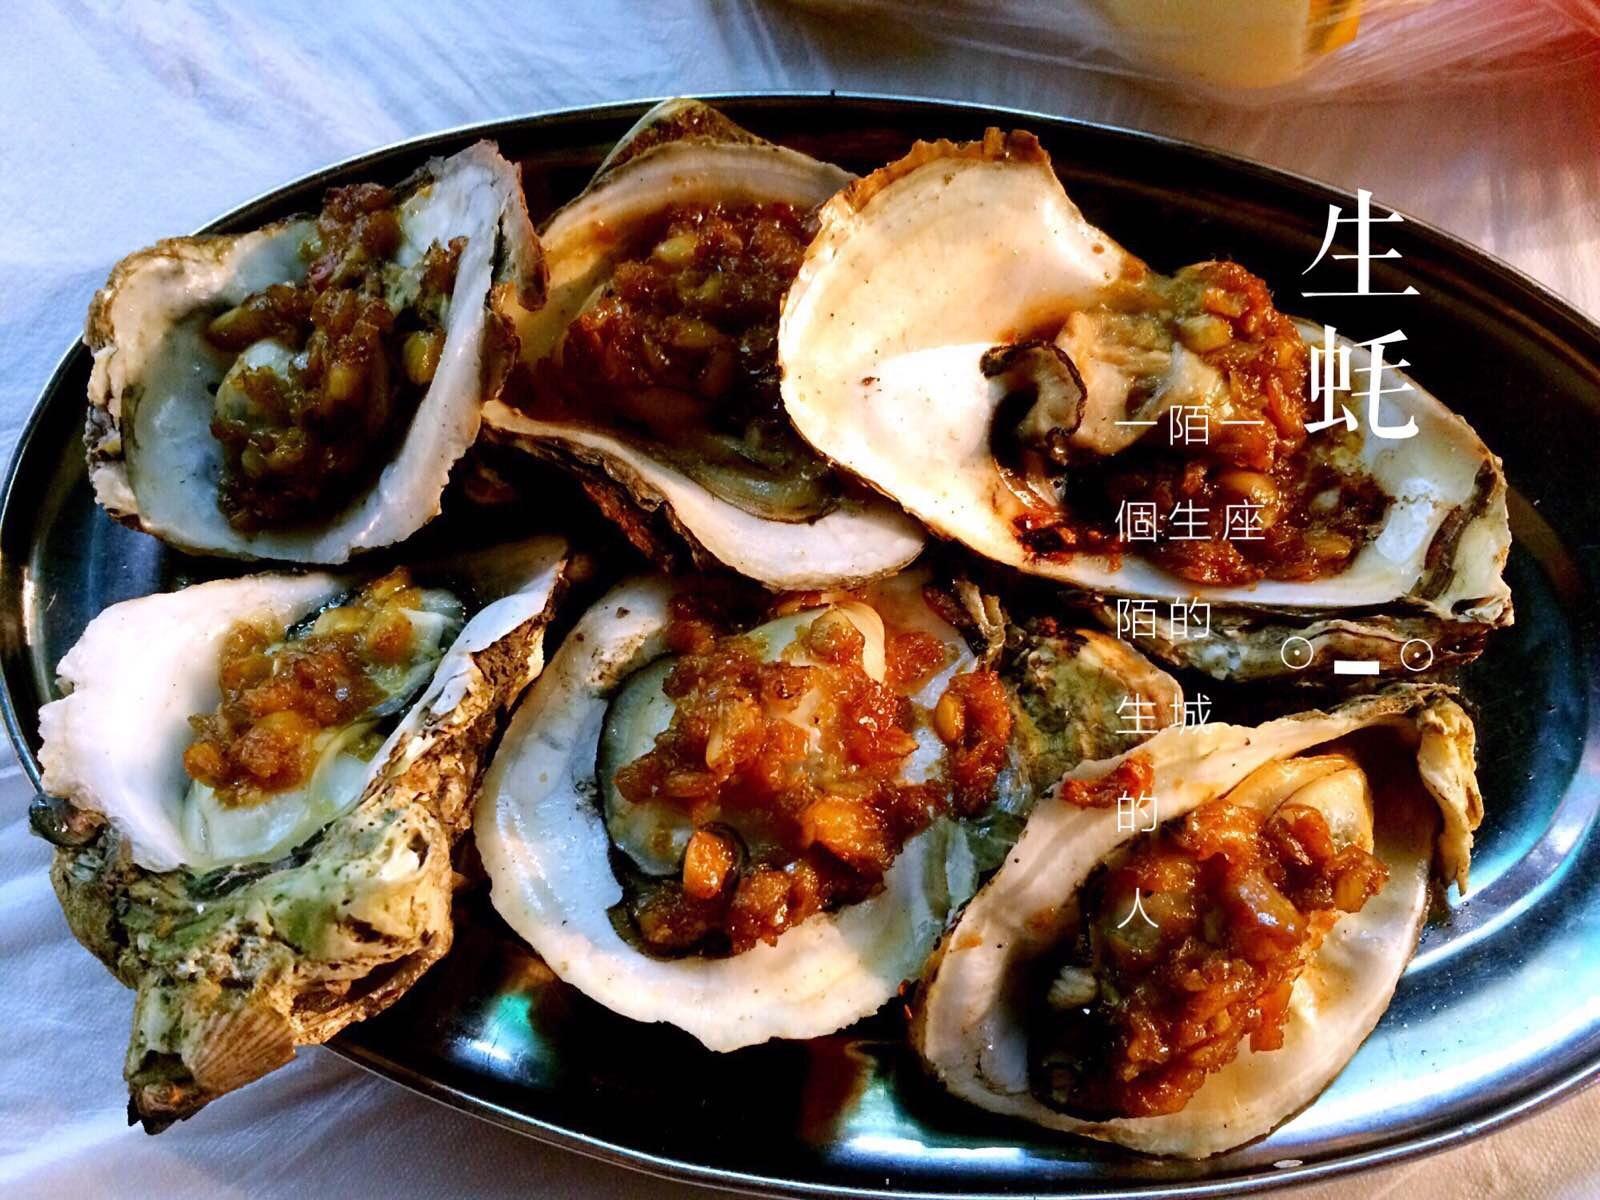 2019中山夜市小吃美食餐厅,闹市一片美食天地,夜晚.图片